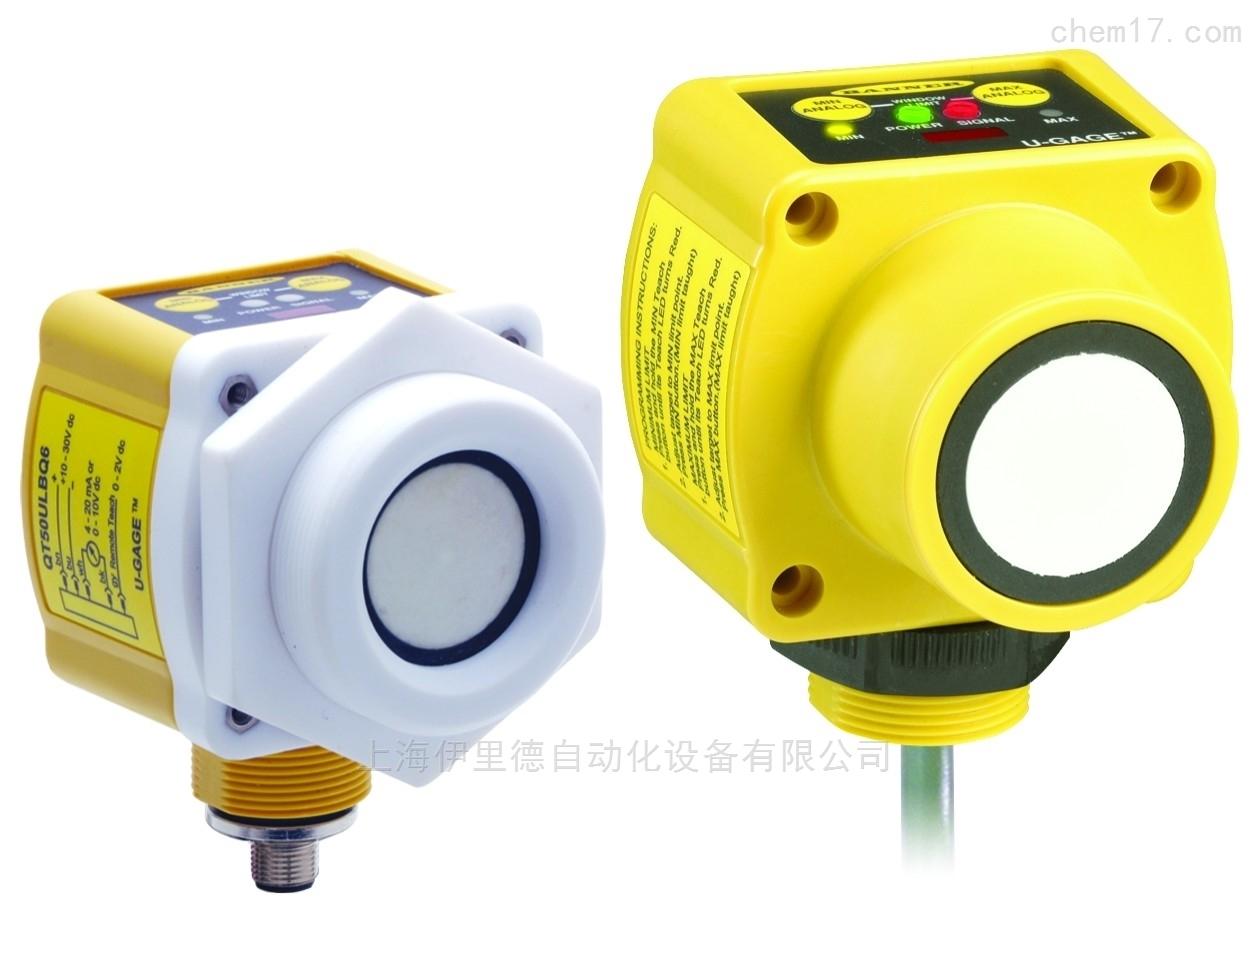 美国邦纳8米量程耐化学性超声波传感器